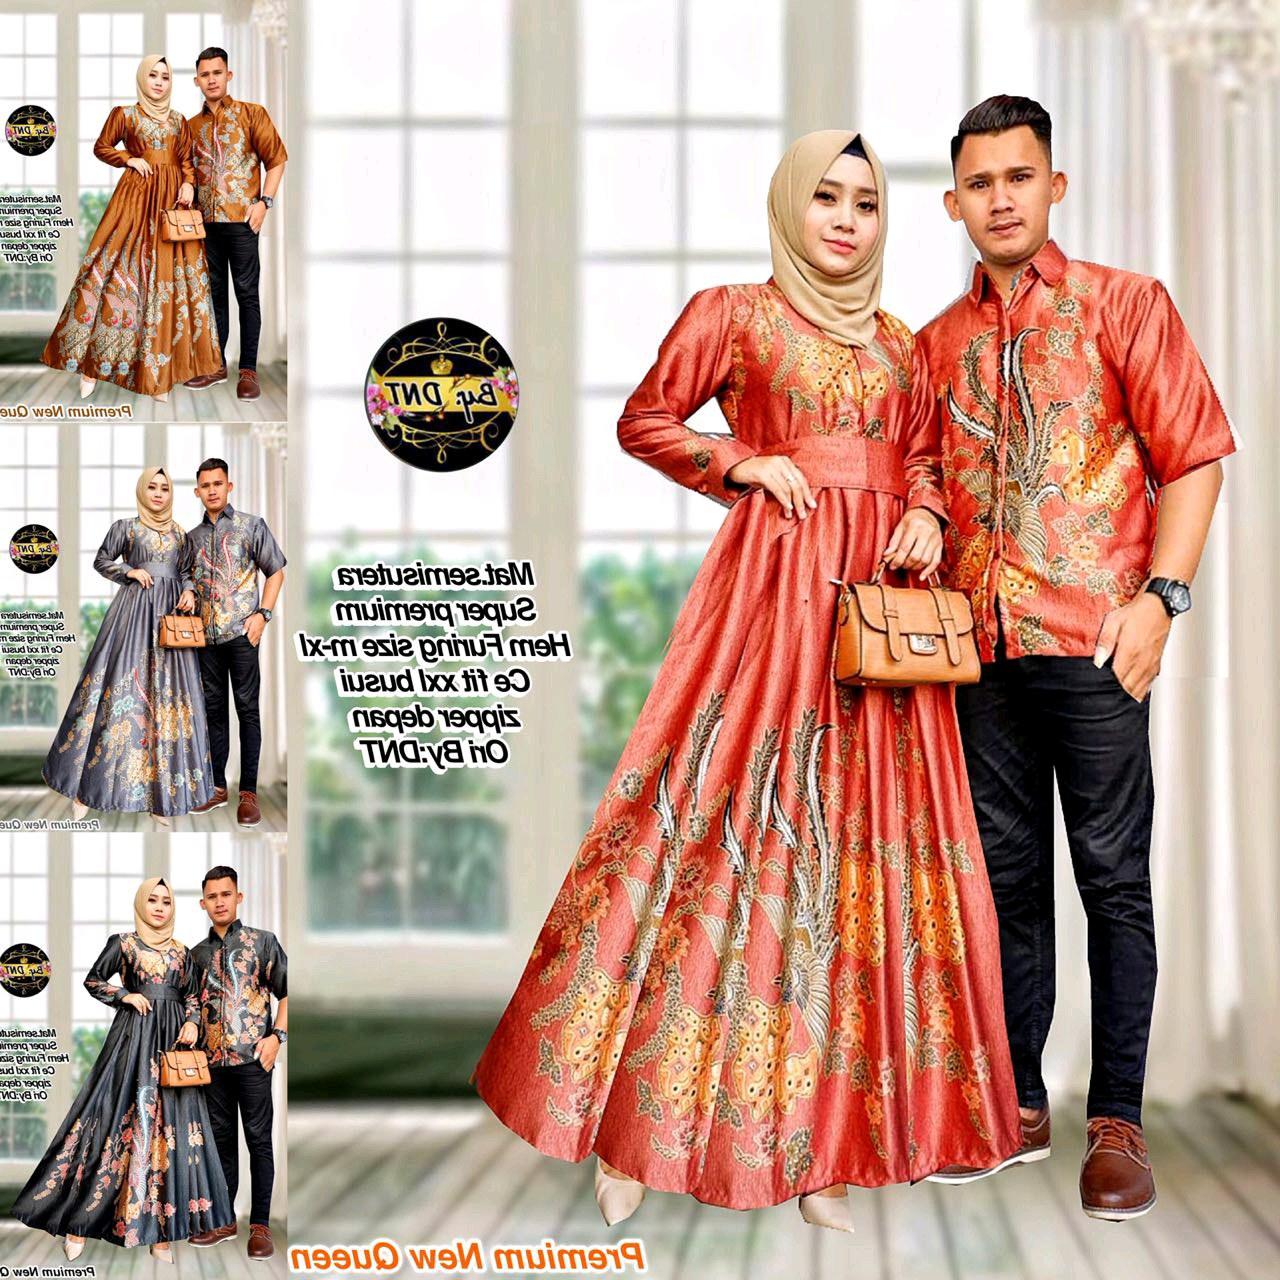 Ide Gaun Pengantin Kebaya Muslim 9ddf Jual Produk Baju Kebaya Muslim Baju Murah Dan Terlengkap